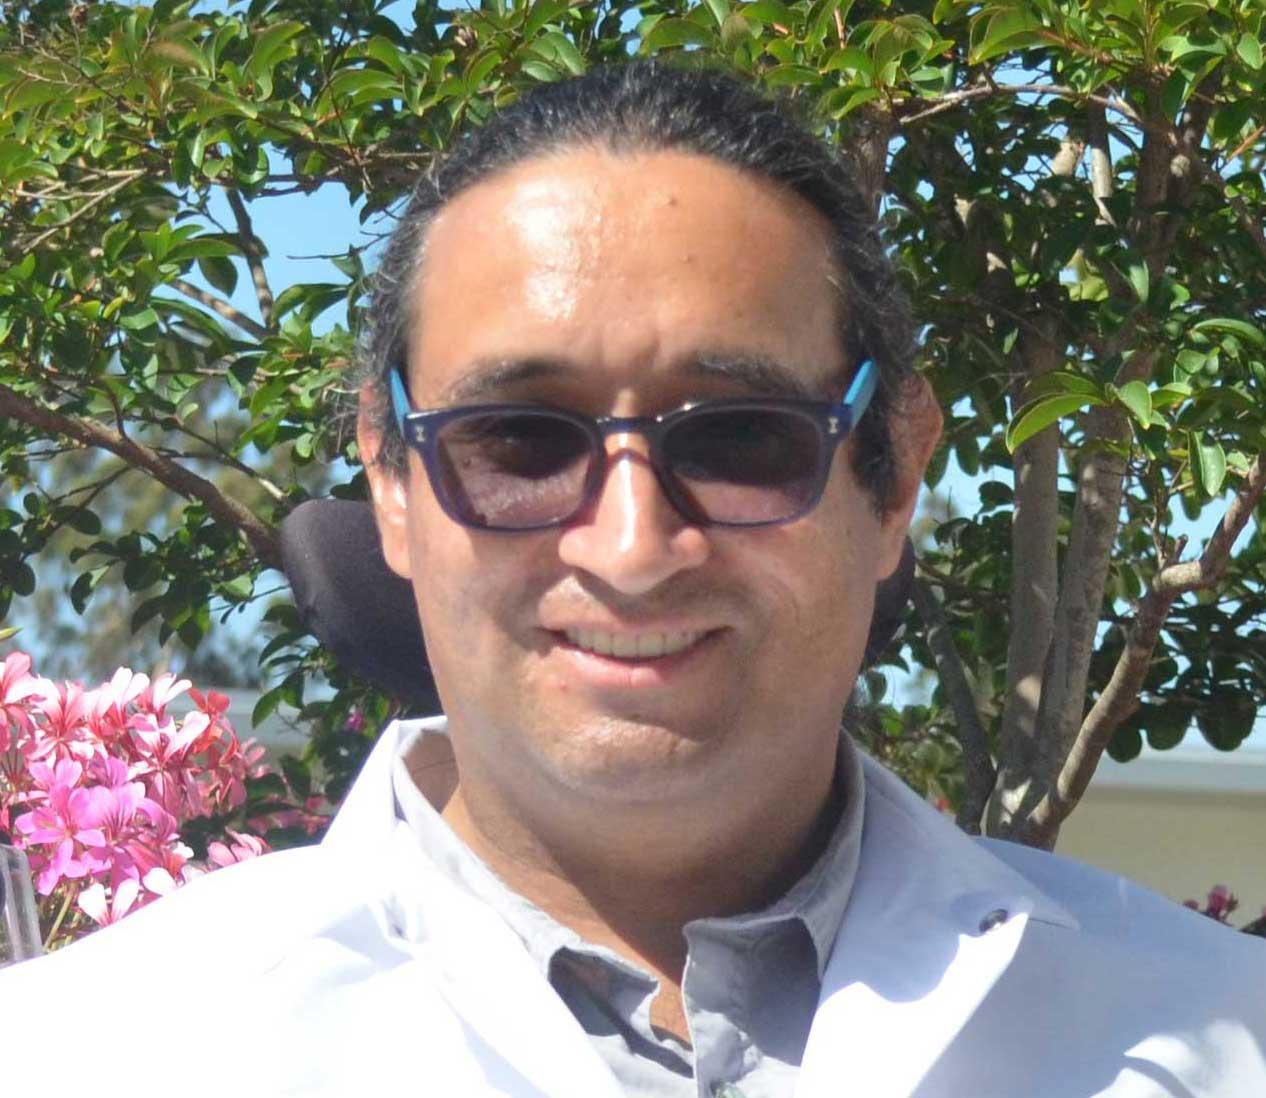 Benjamin Partida-Silva